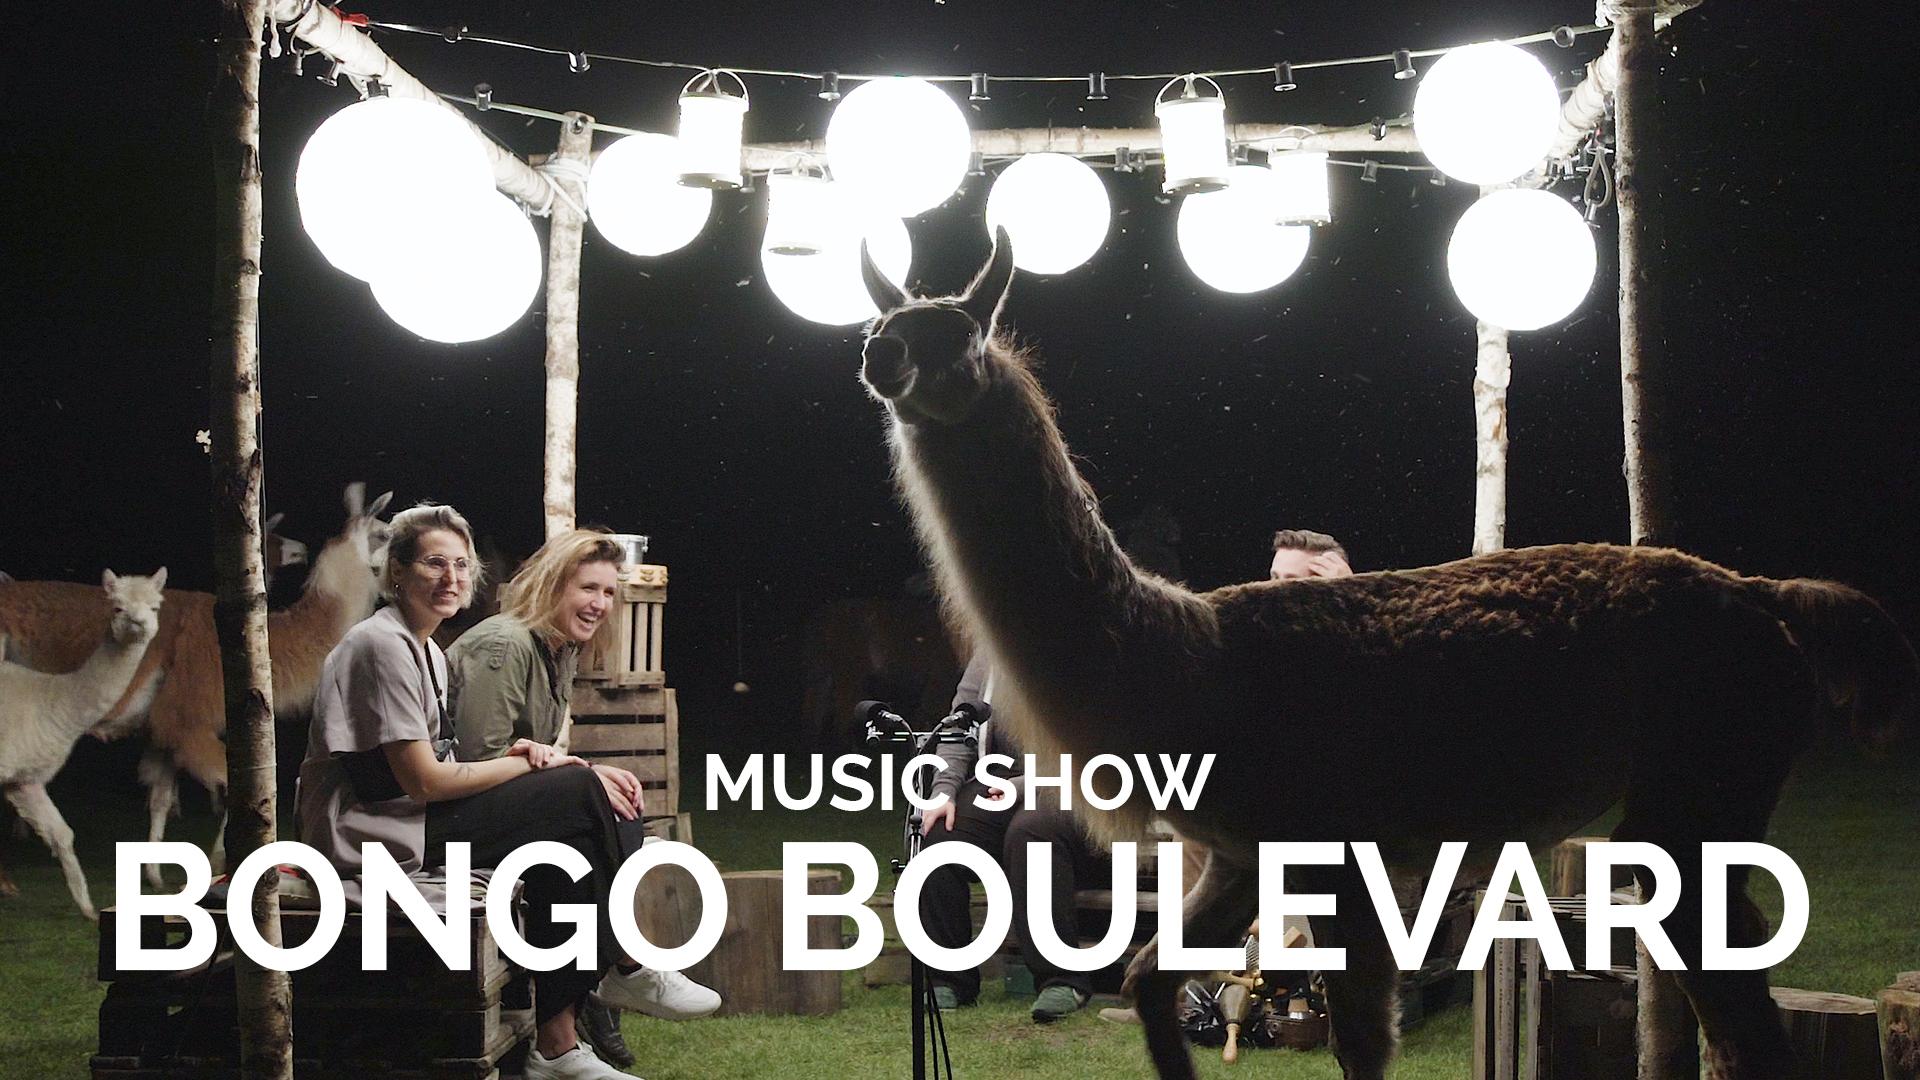 bongoboulevard.jpg